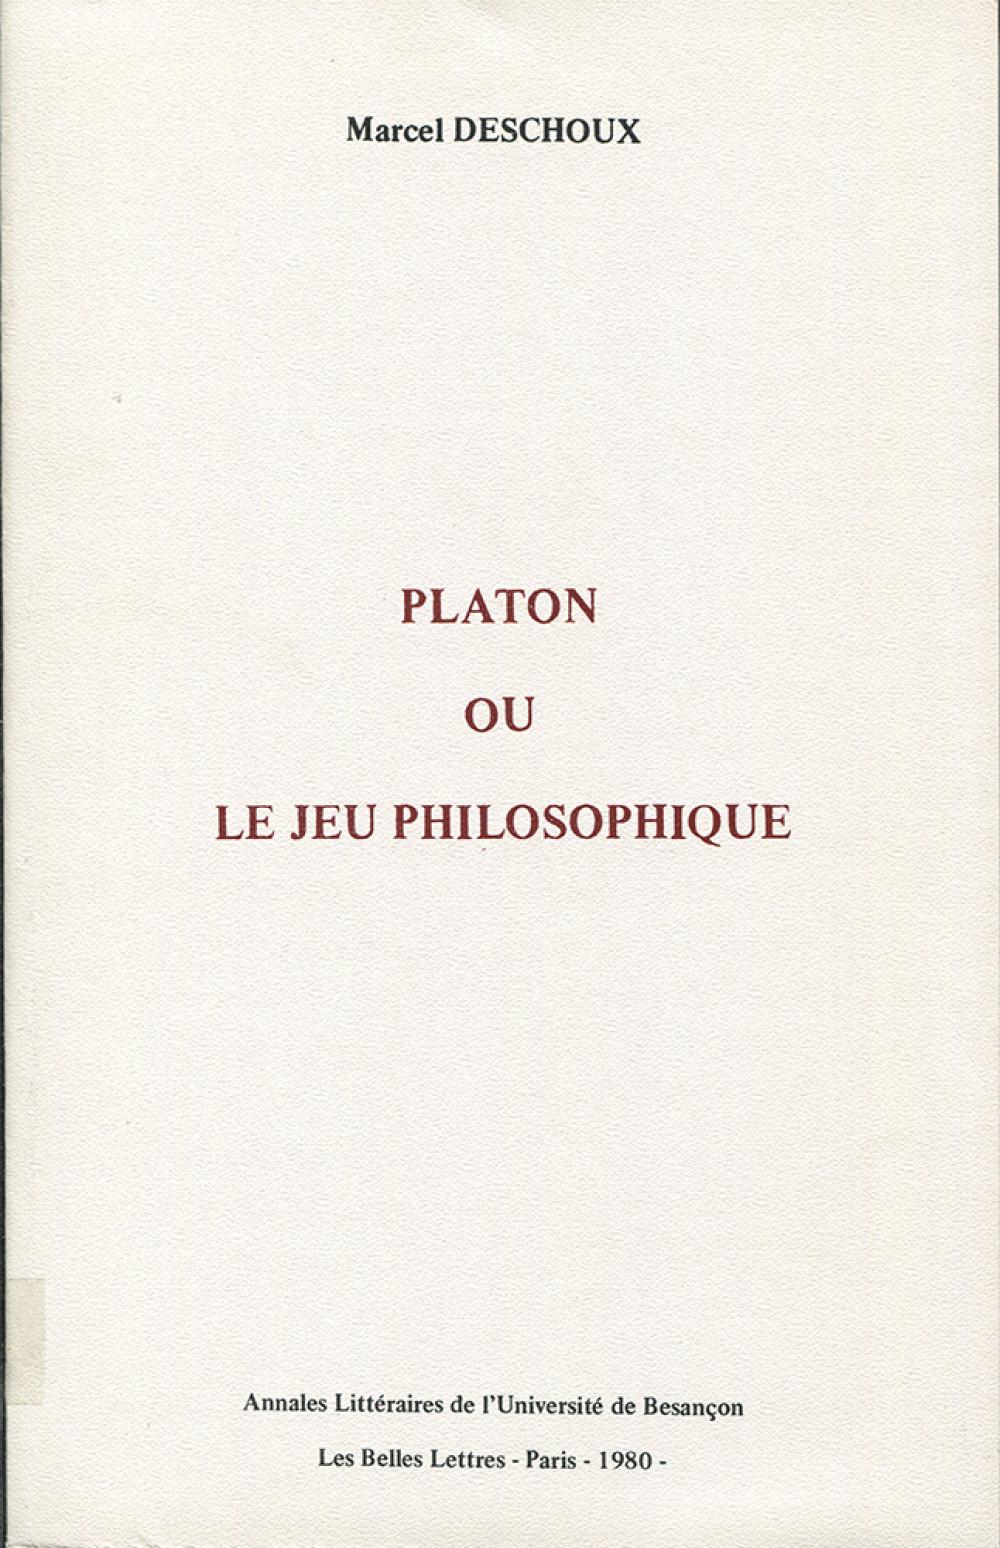 Platon ou le jeu philosophique